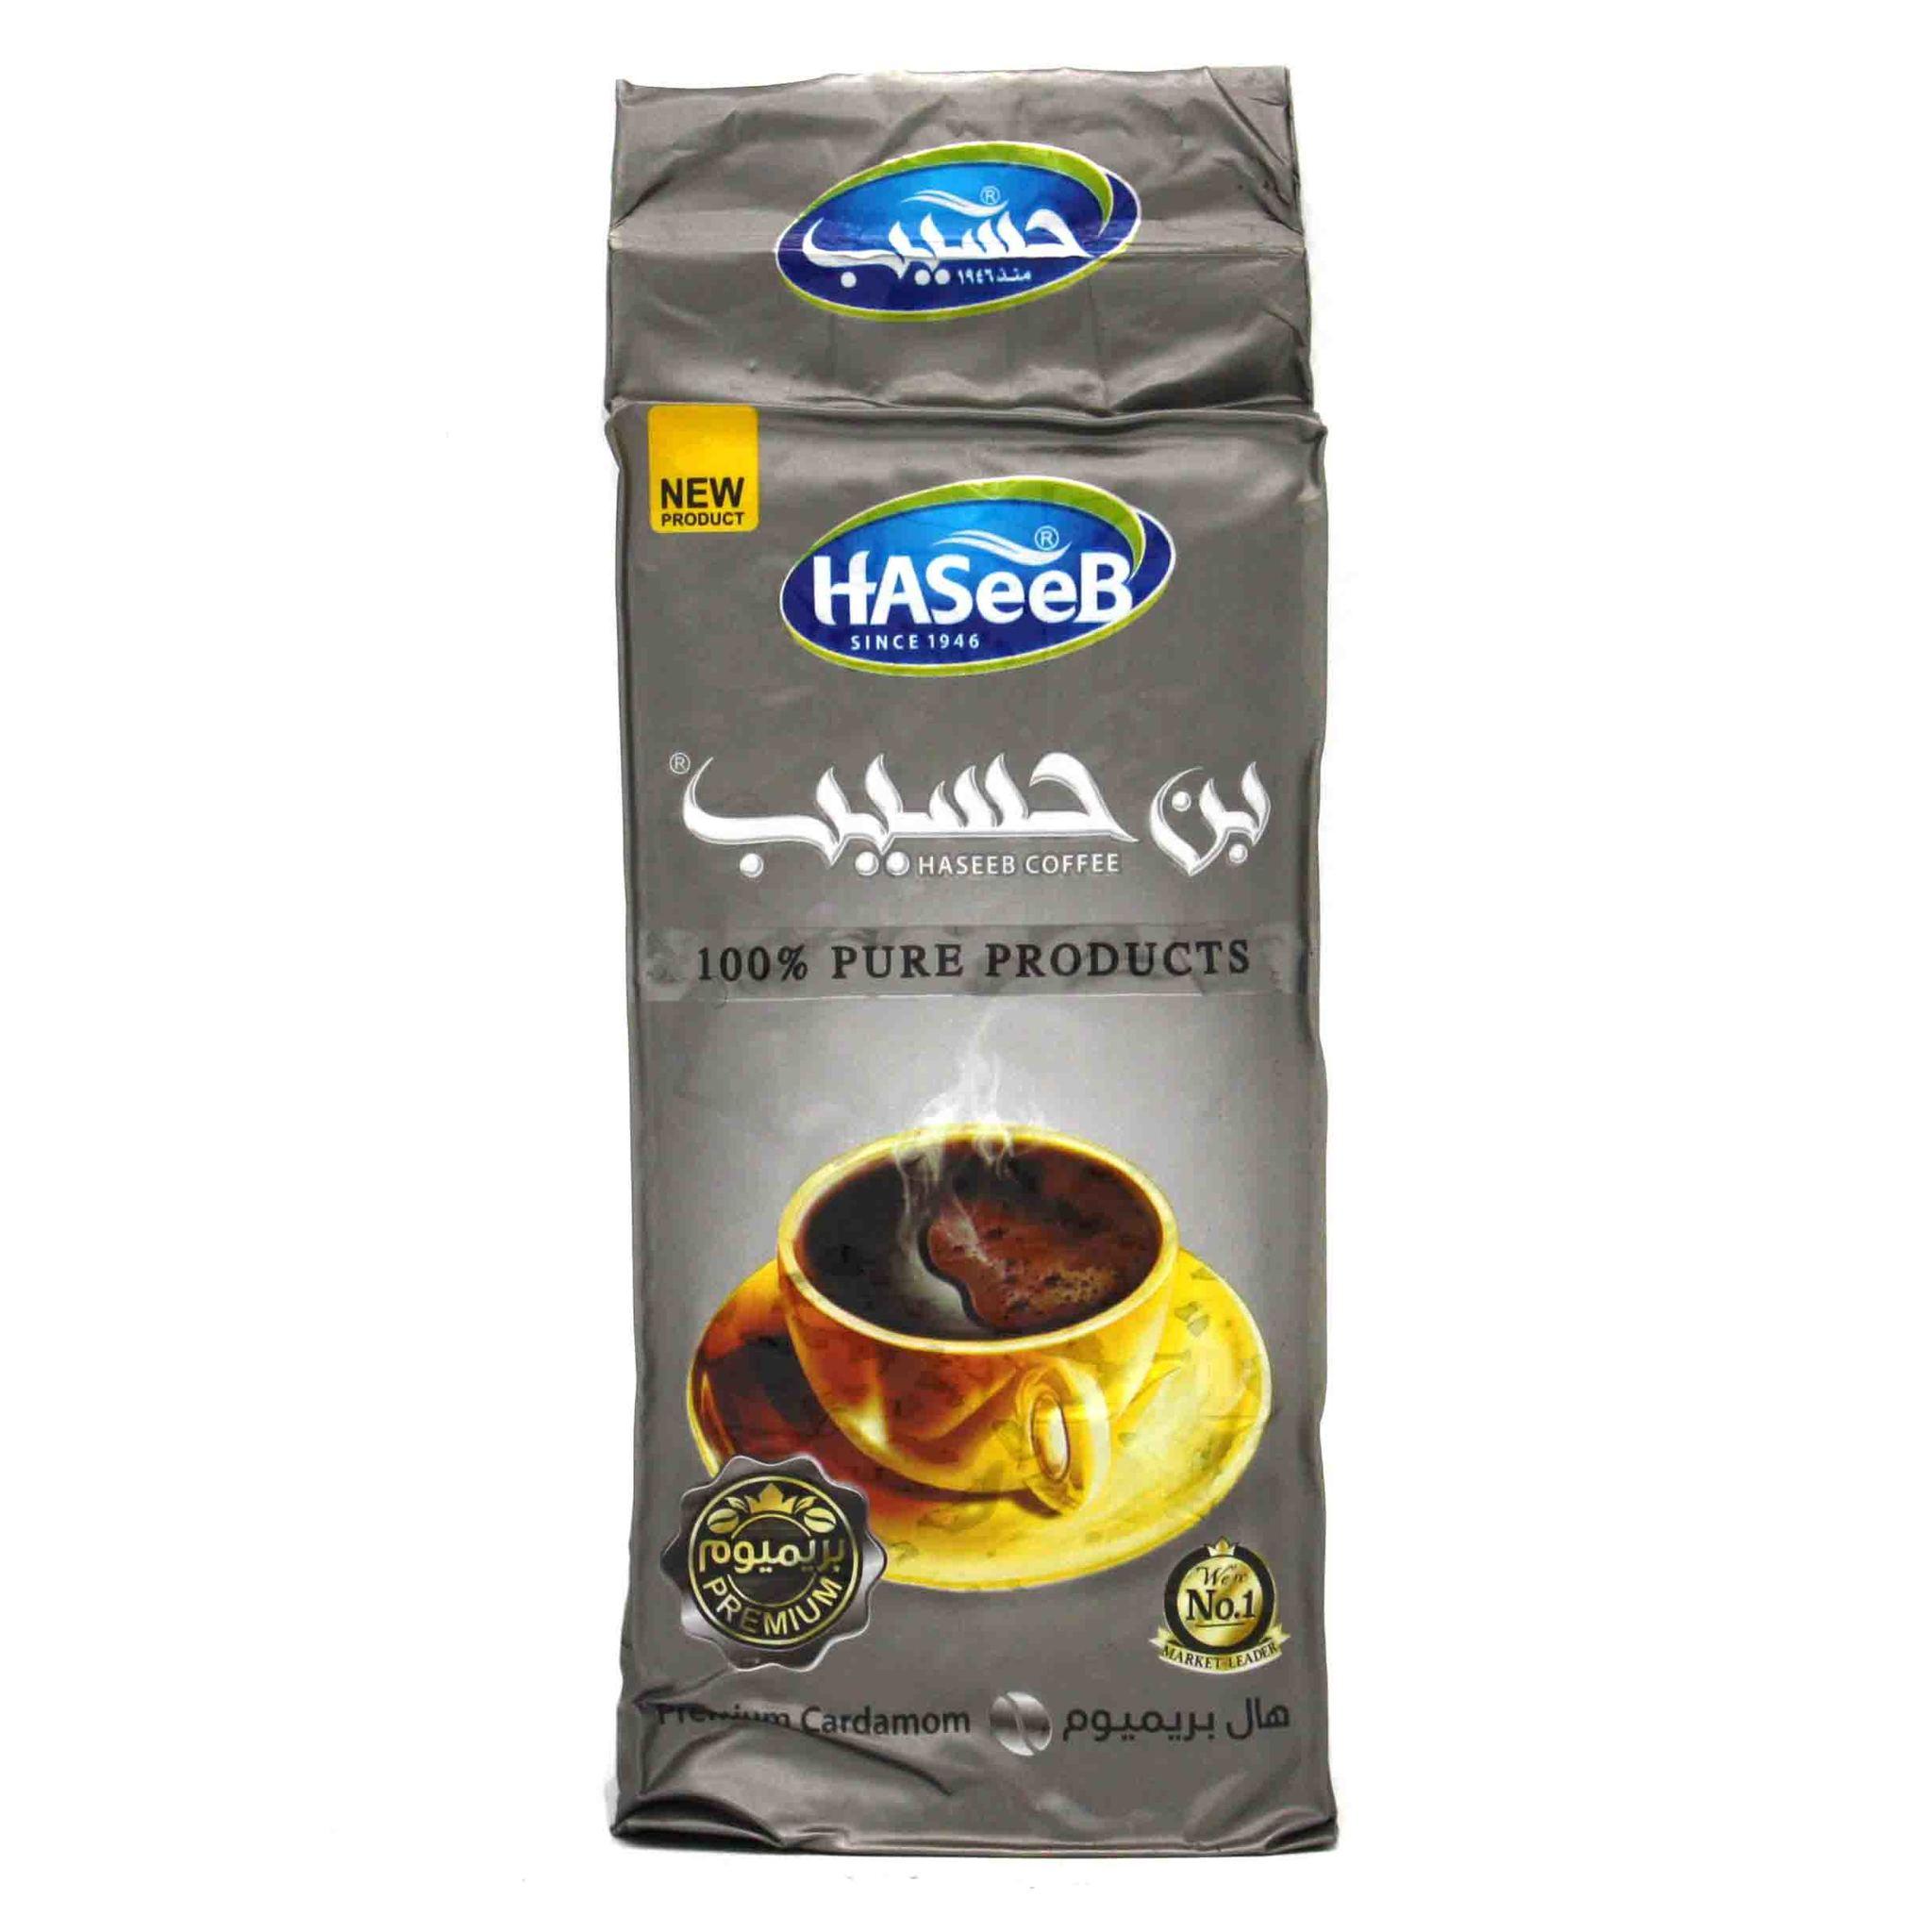 Haseeb Арабский кофе Premium Cardamom, Haseeb, 200 г import_files_d9_d9e8571d515411eaa9c7484d7ecee297_3ebdb7ba53c911eaa9c7484d7ecee297.jpg